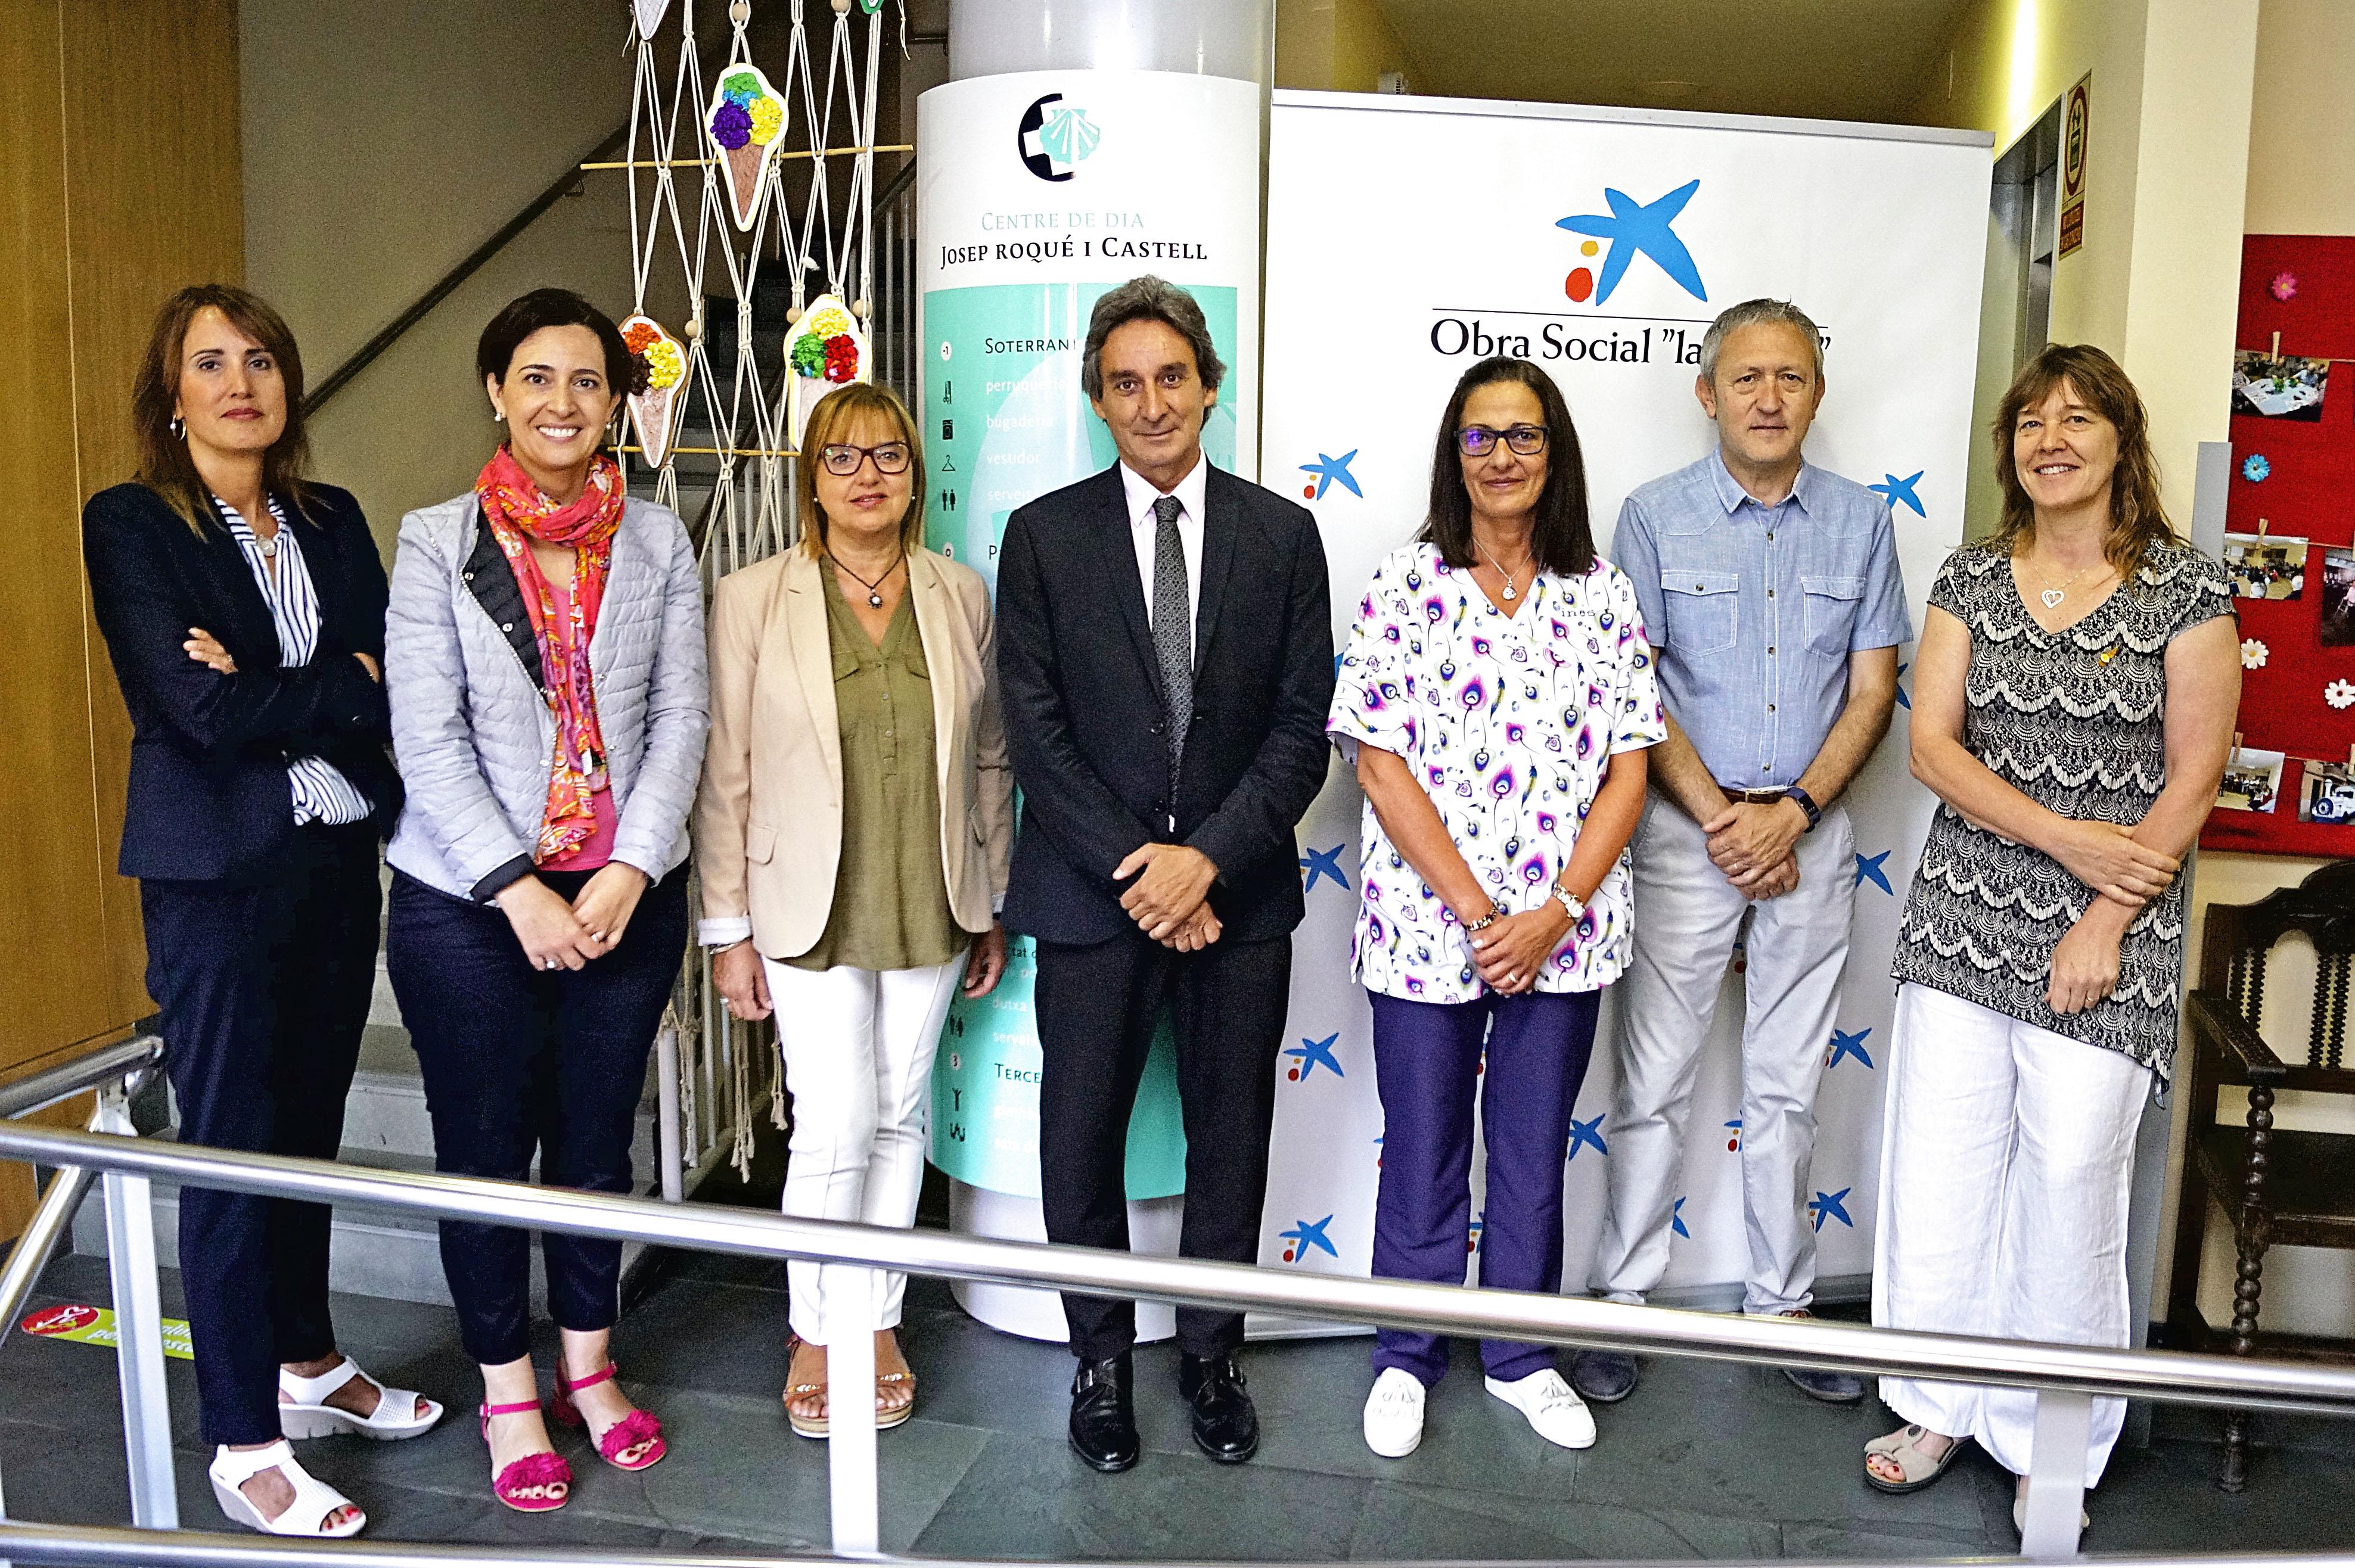 L'acte es va formalitzar al Centre de Dia Josep Roqué i Castell